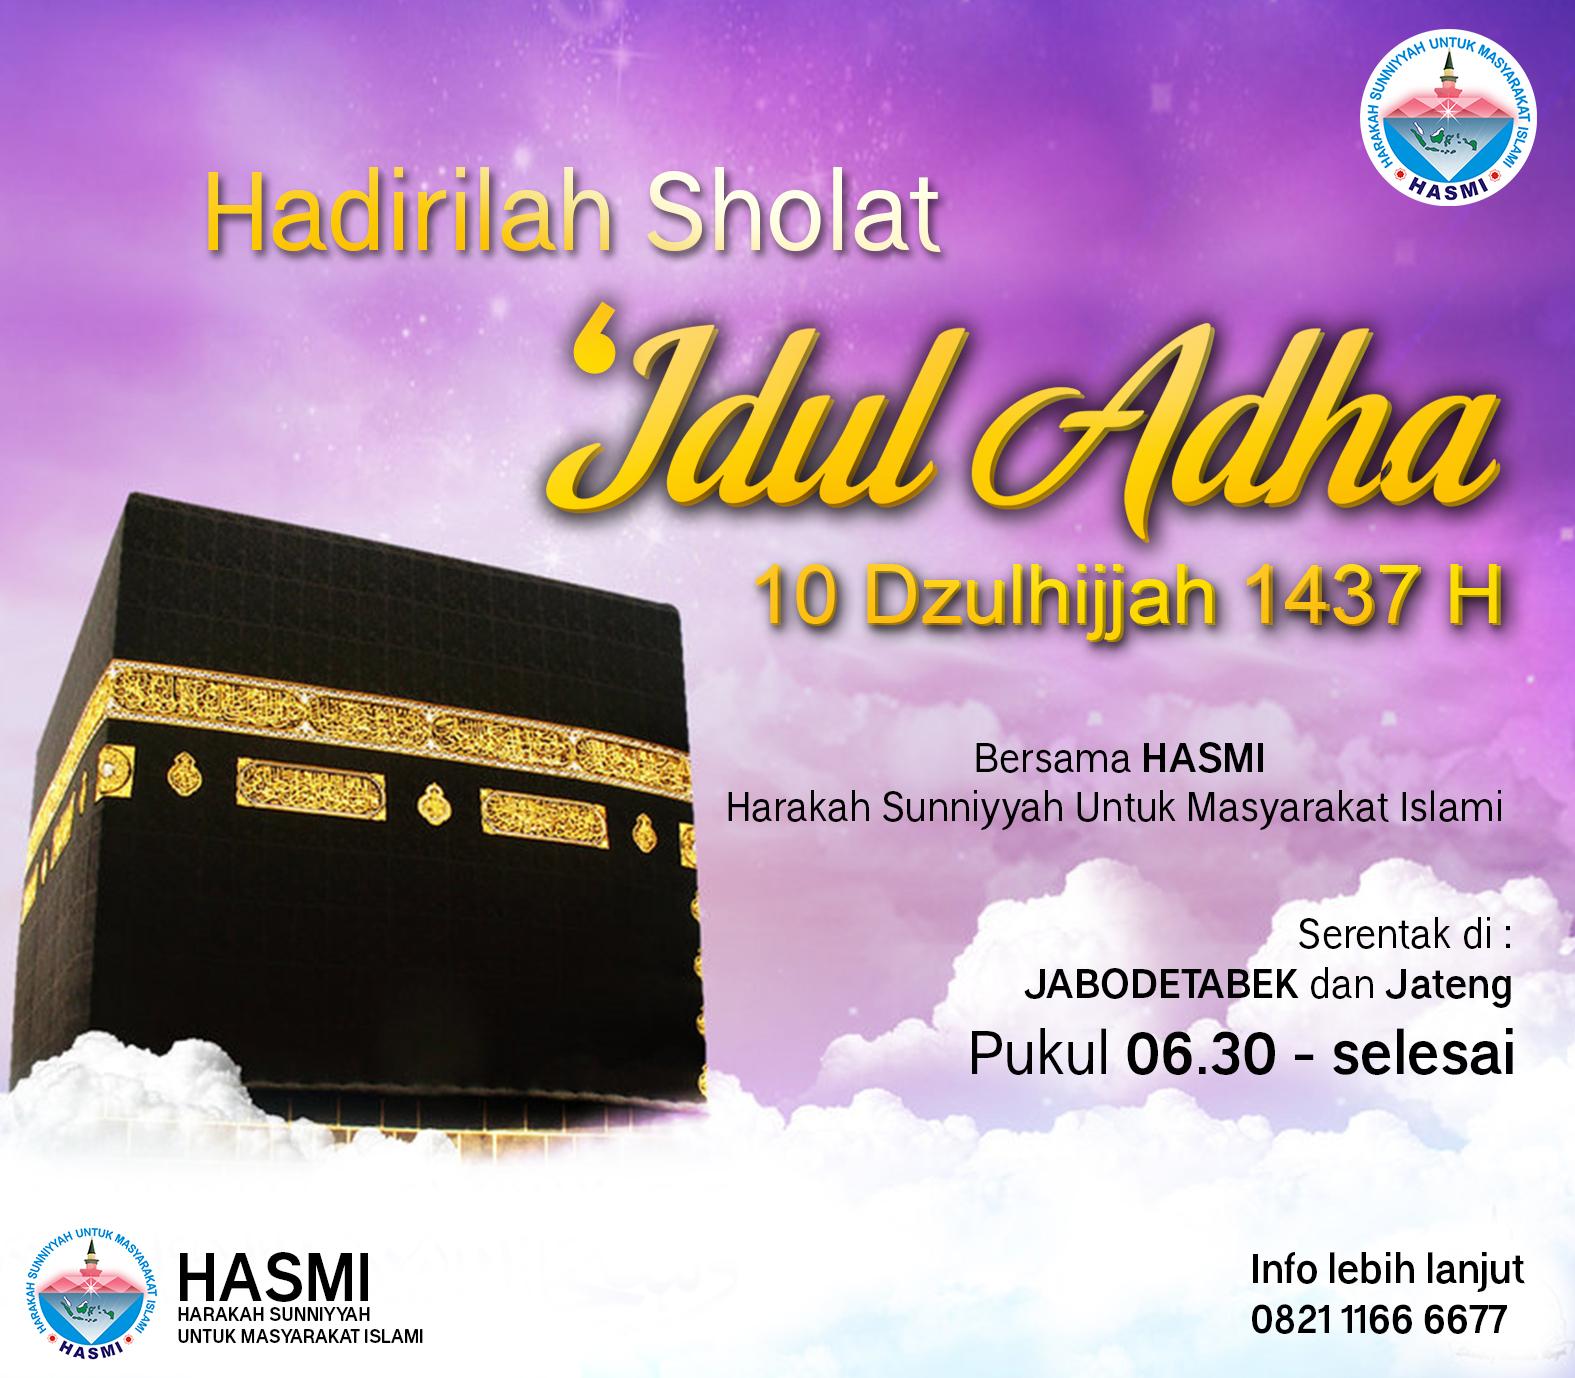 HADIRILAH SHOLAT IDUL ADHA BERSAMA HASMI..!!